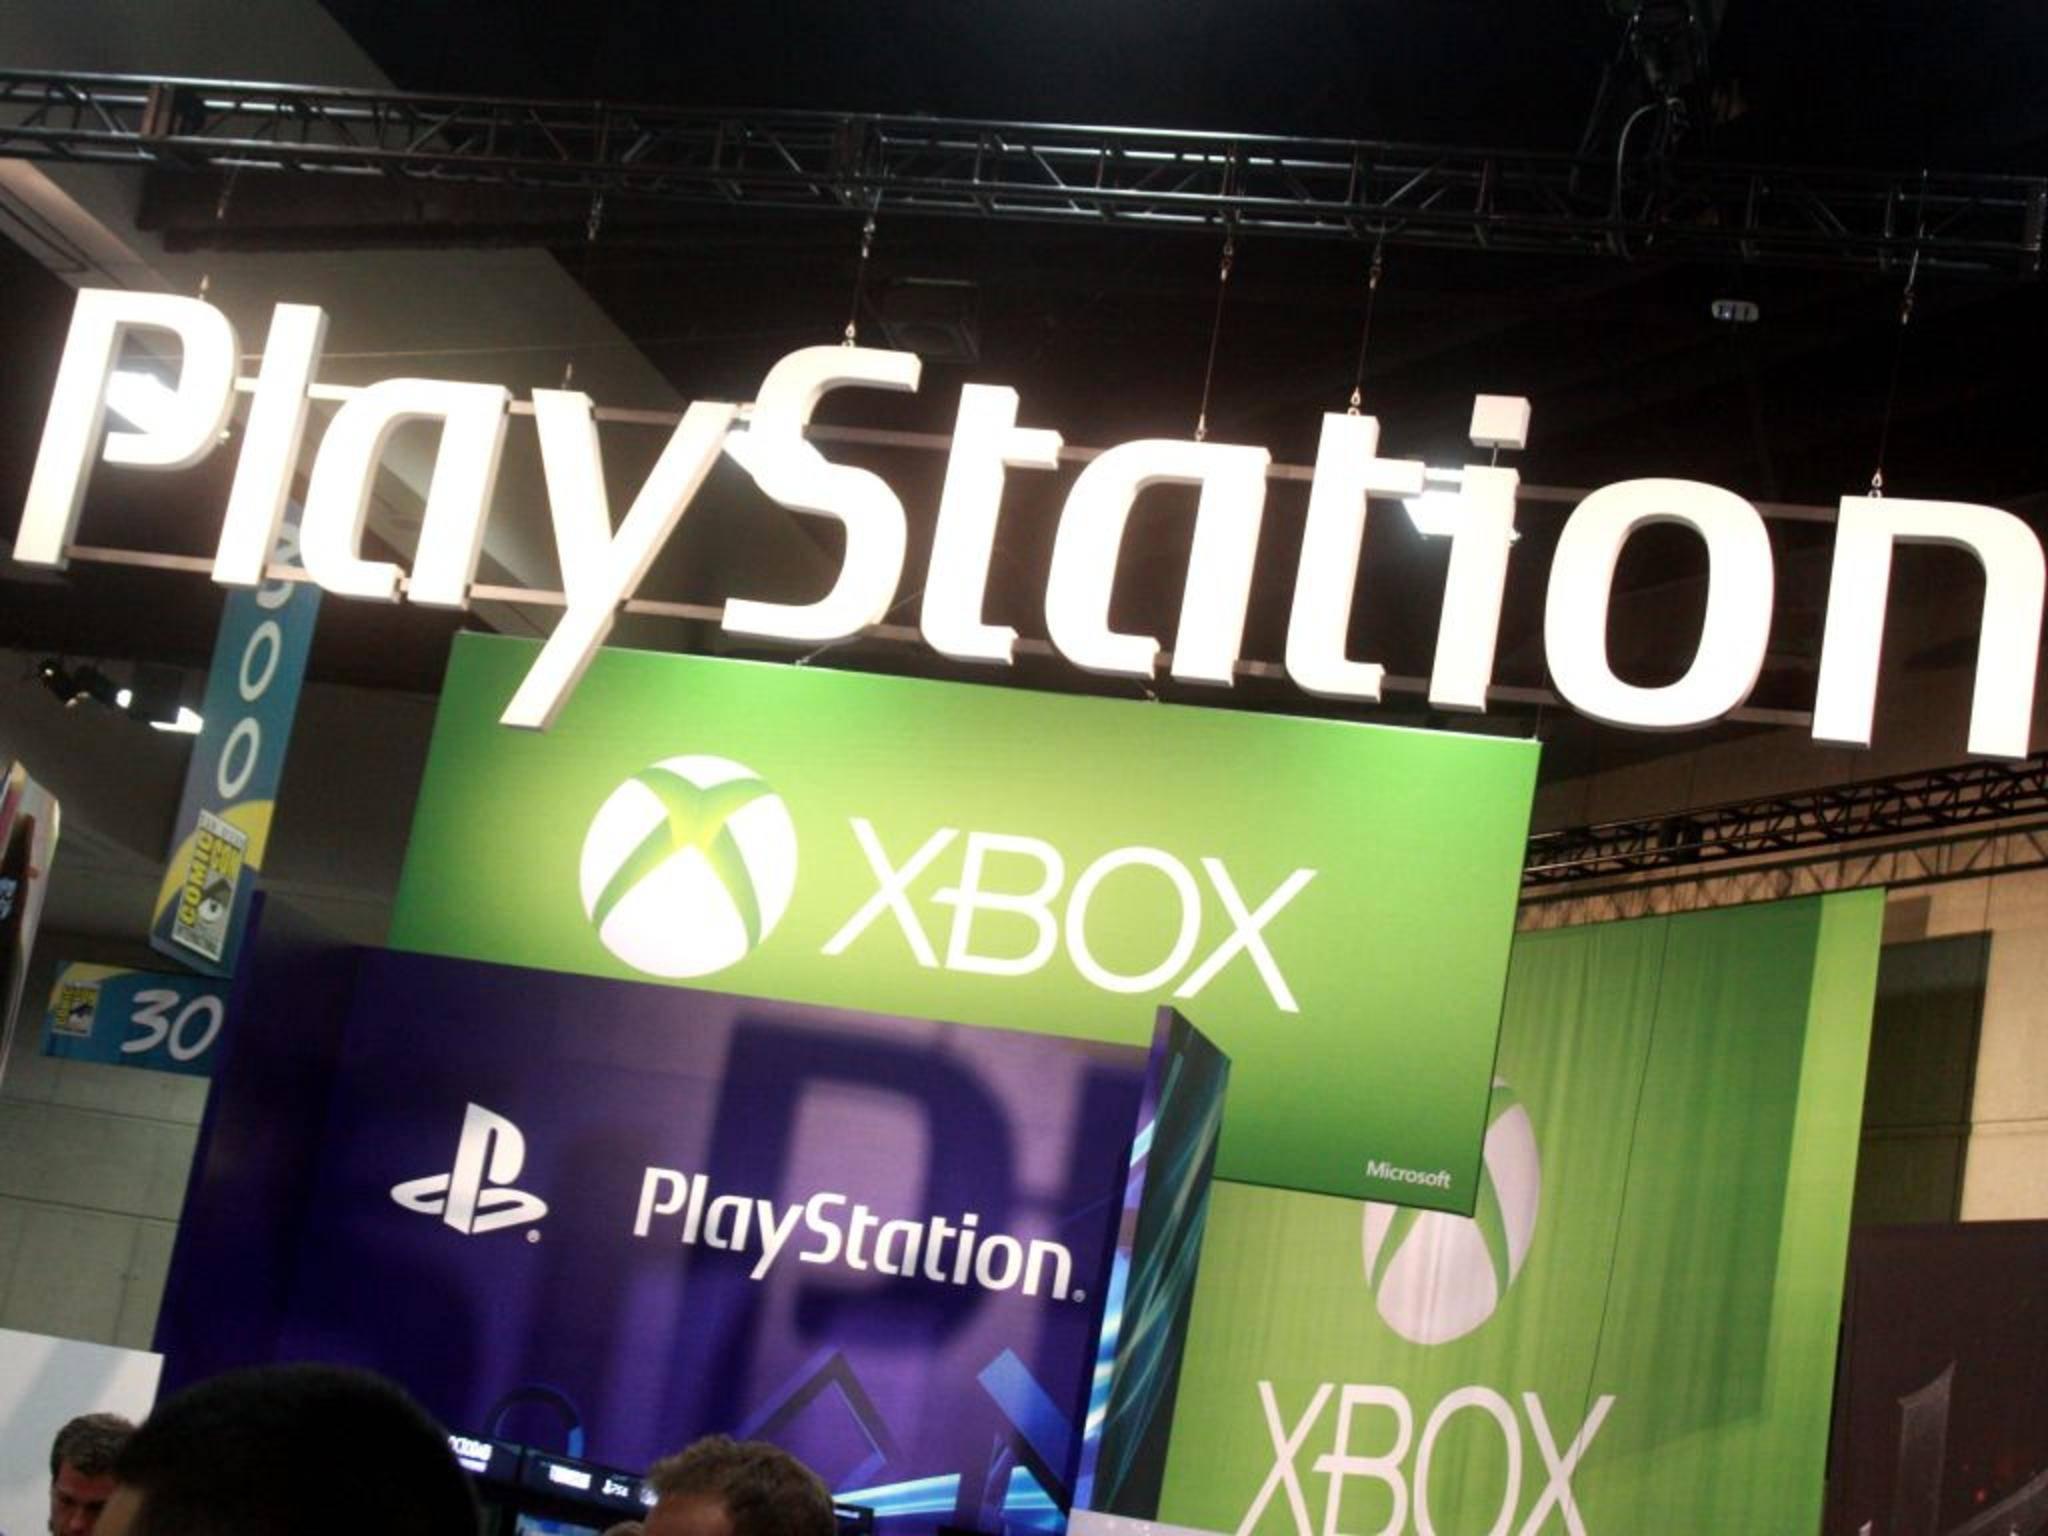 Ausgerechnet an Weihnachten legten Hacker die Konsolennetzwerke von Sony und Microsoft lahm.